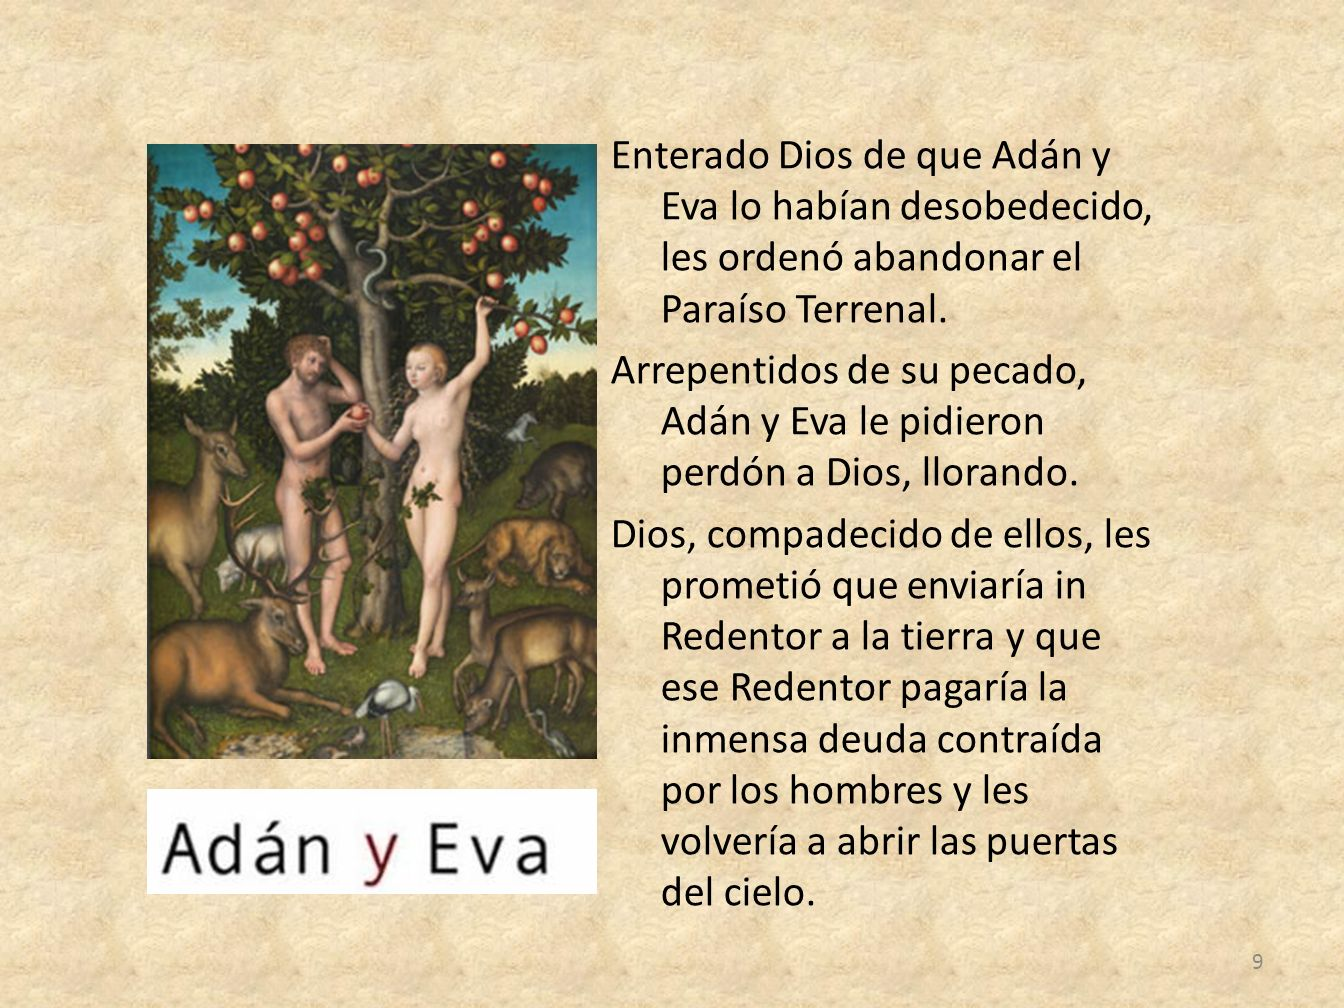 Enterado Dios de que Adán y Eva lo habían desobedecido, les ordenó abandonar el Paraíso Terrenal.